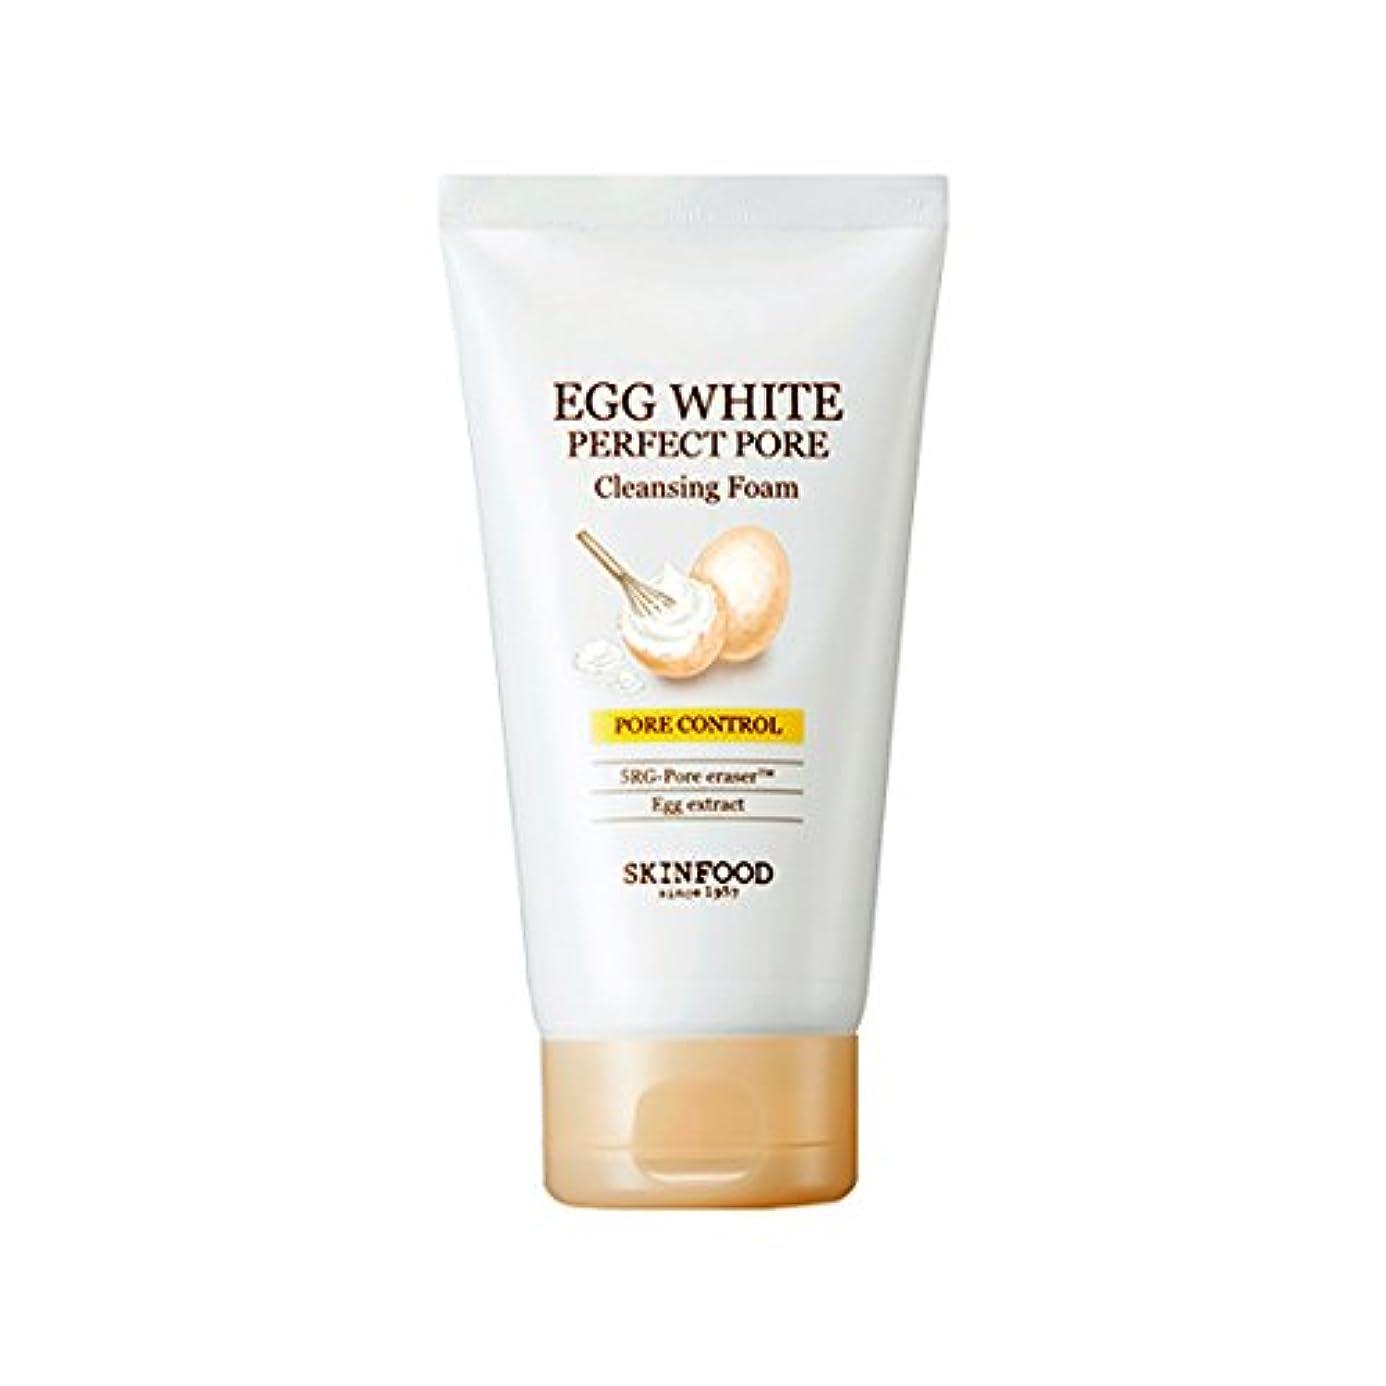 血統ドールブレイズSkinfood/Egg White Perfect Pore Cleansing Foam/エッグホワイトパーフェクトポアクレンジングフォーム/150ml [並行輸入品]